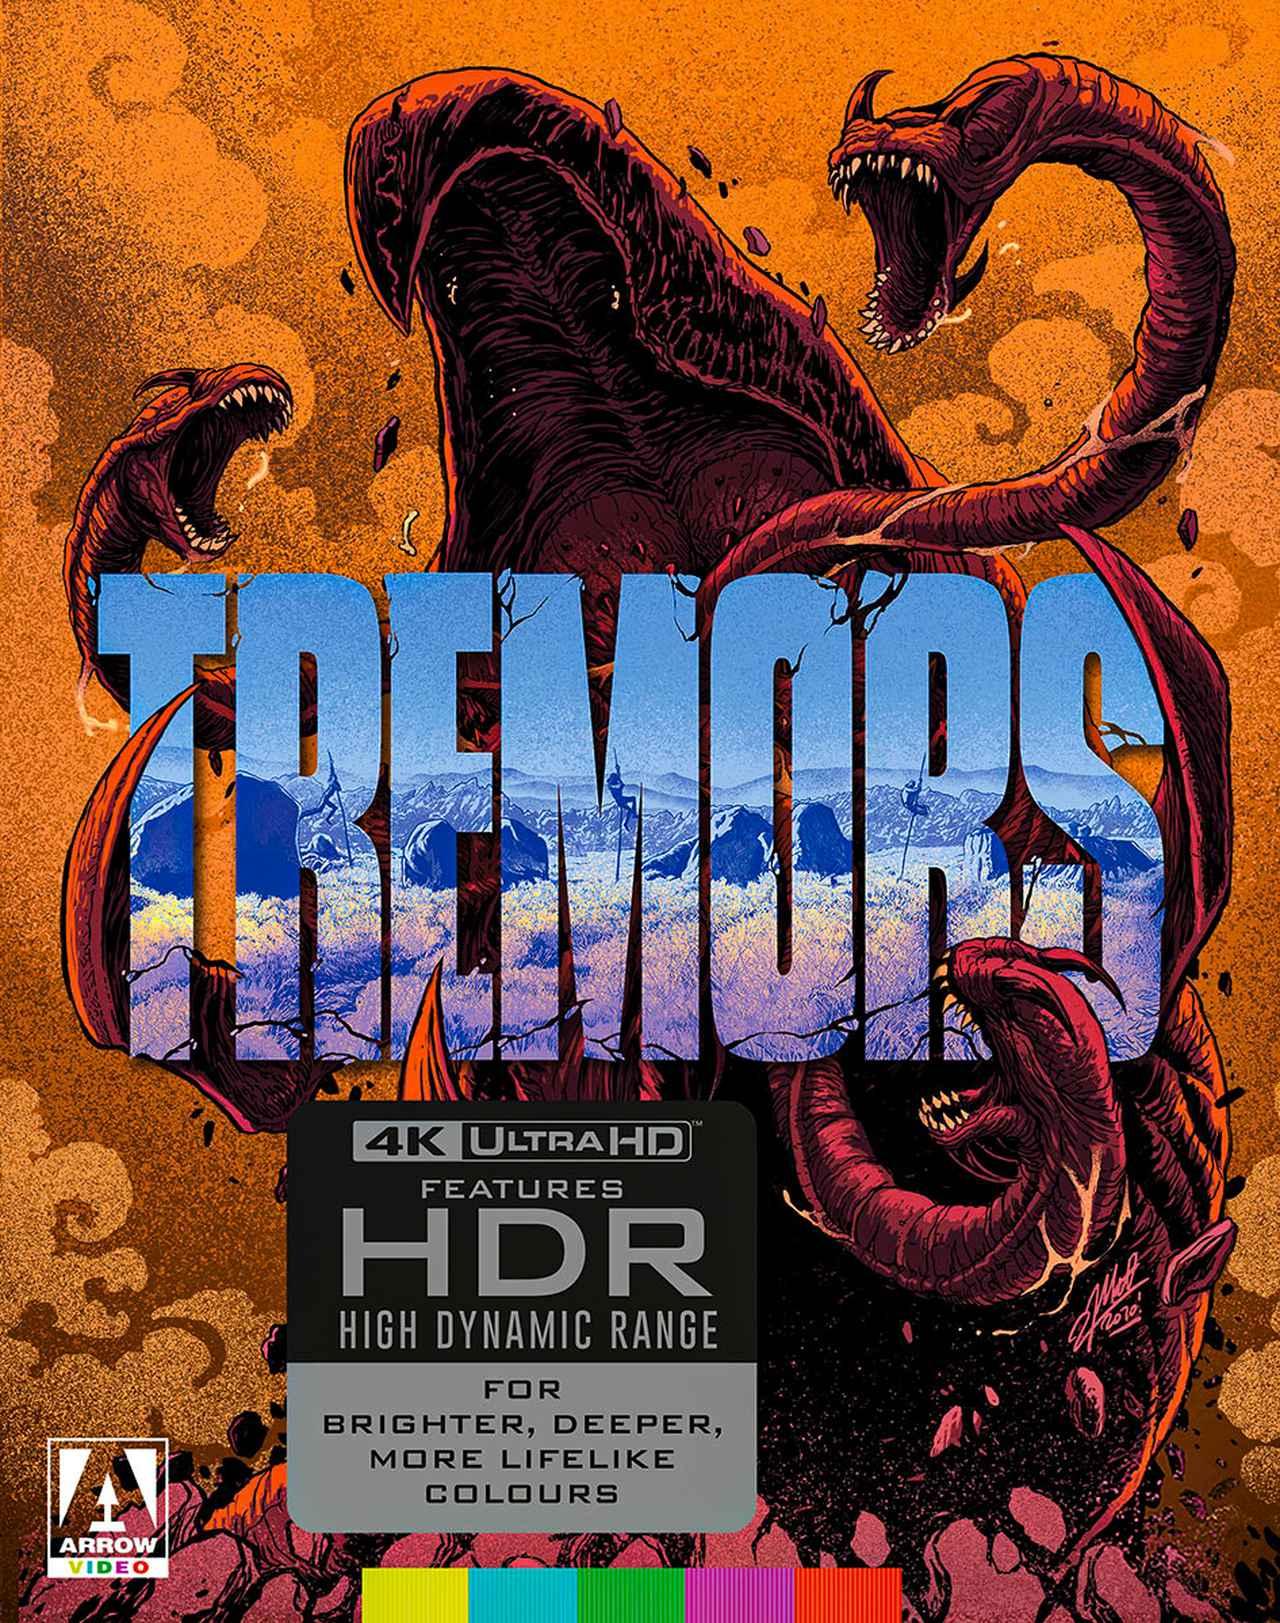 画像1: 痛快!4K怪獣映画『トレマーズ』【海外盤Blu-ray発売情報】